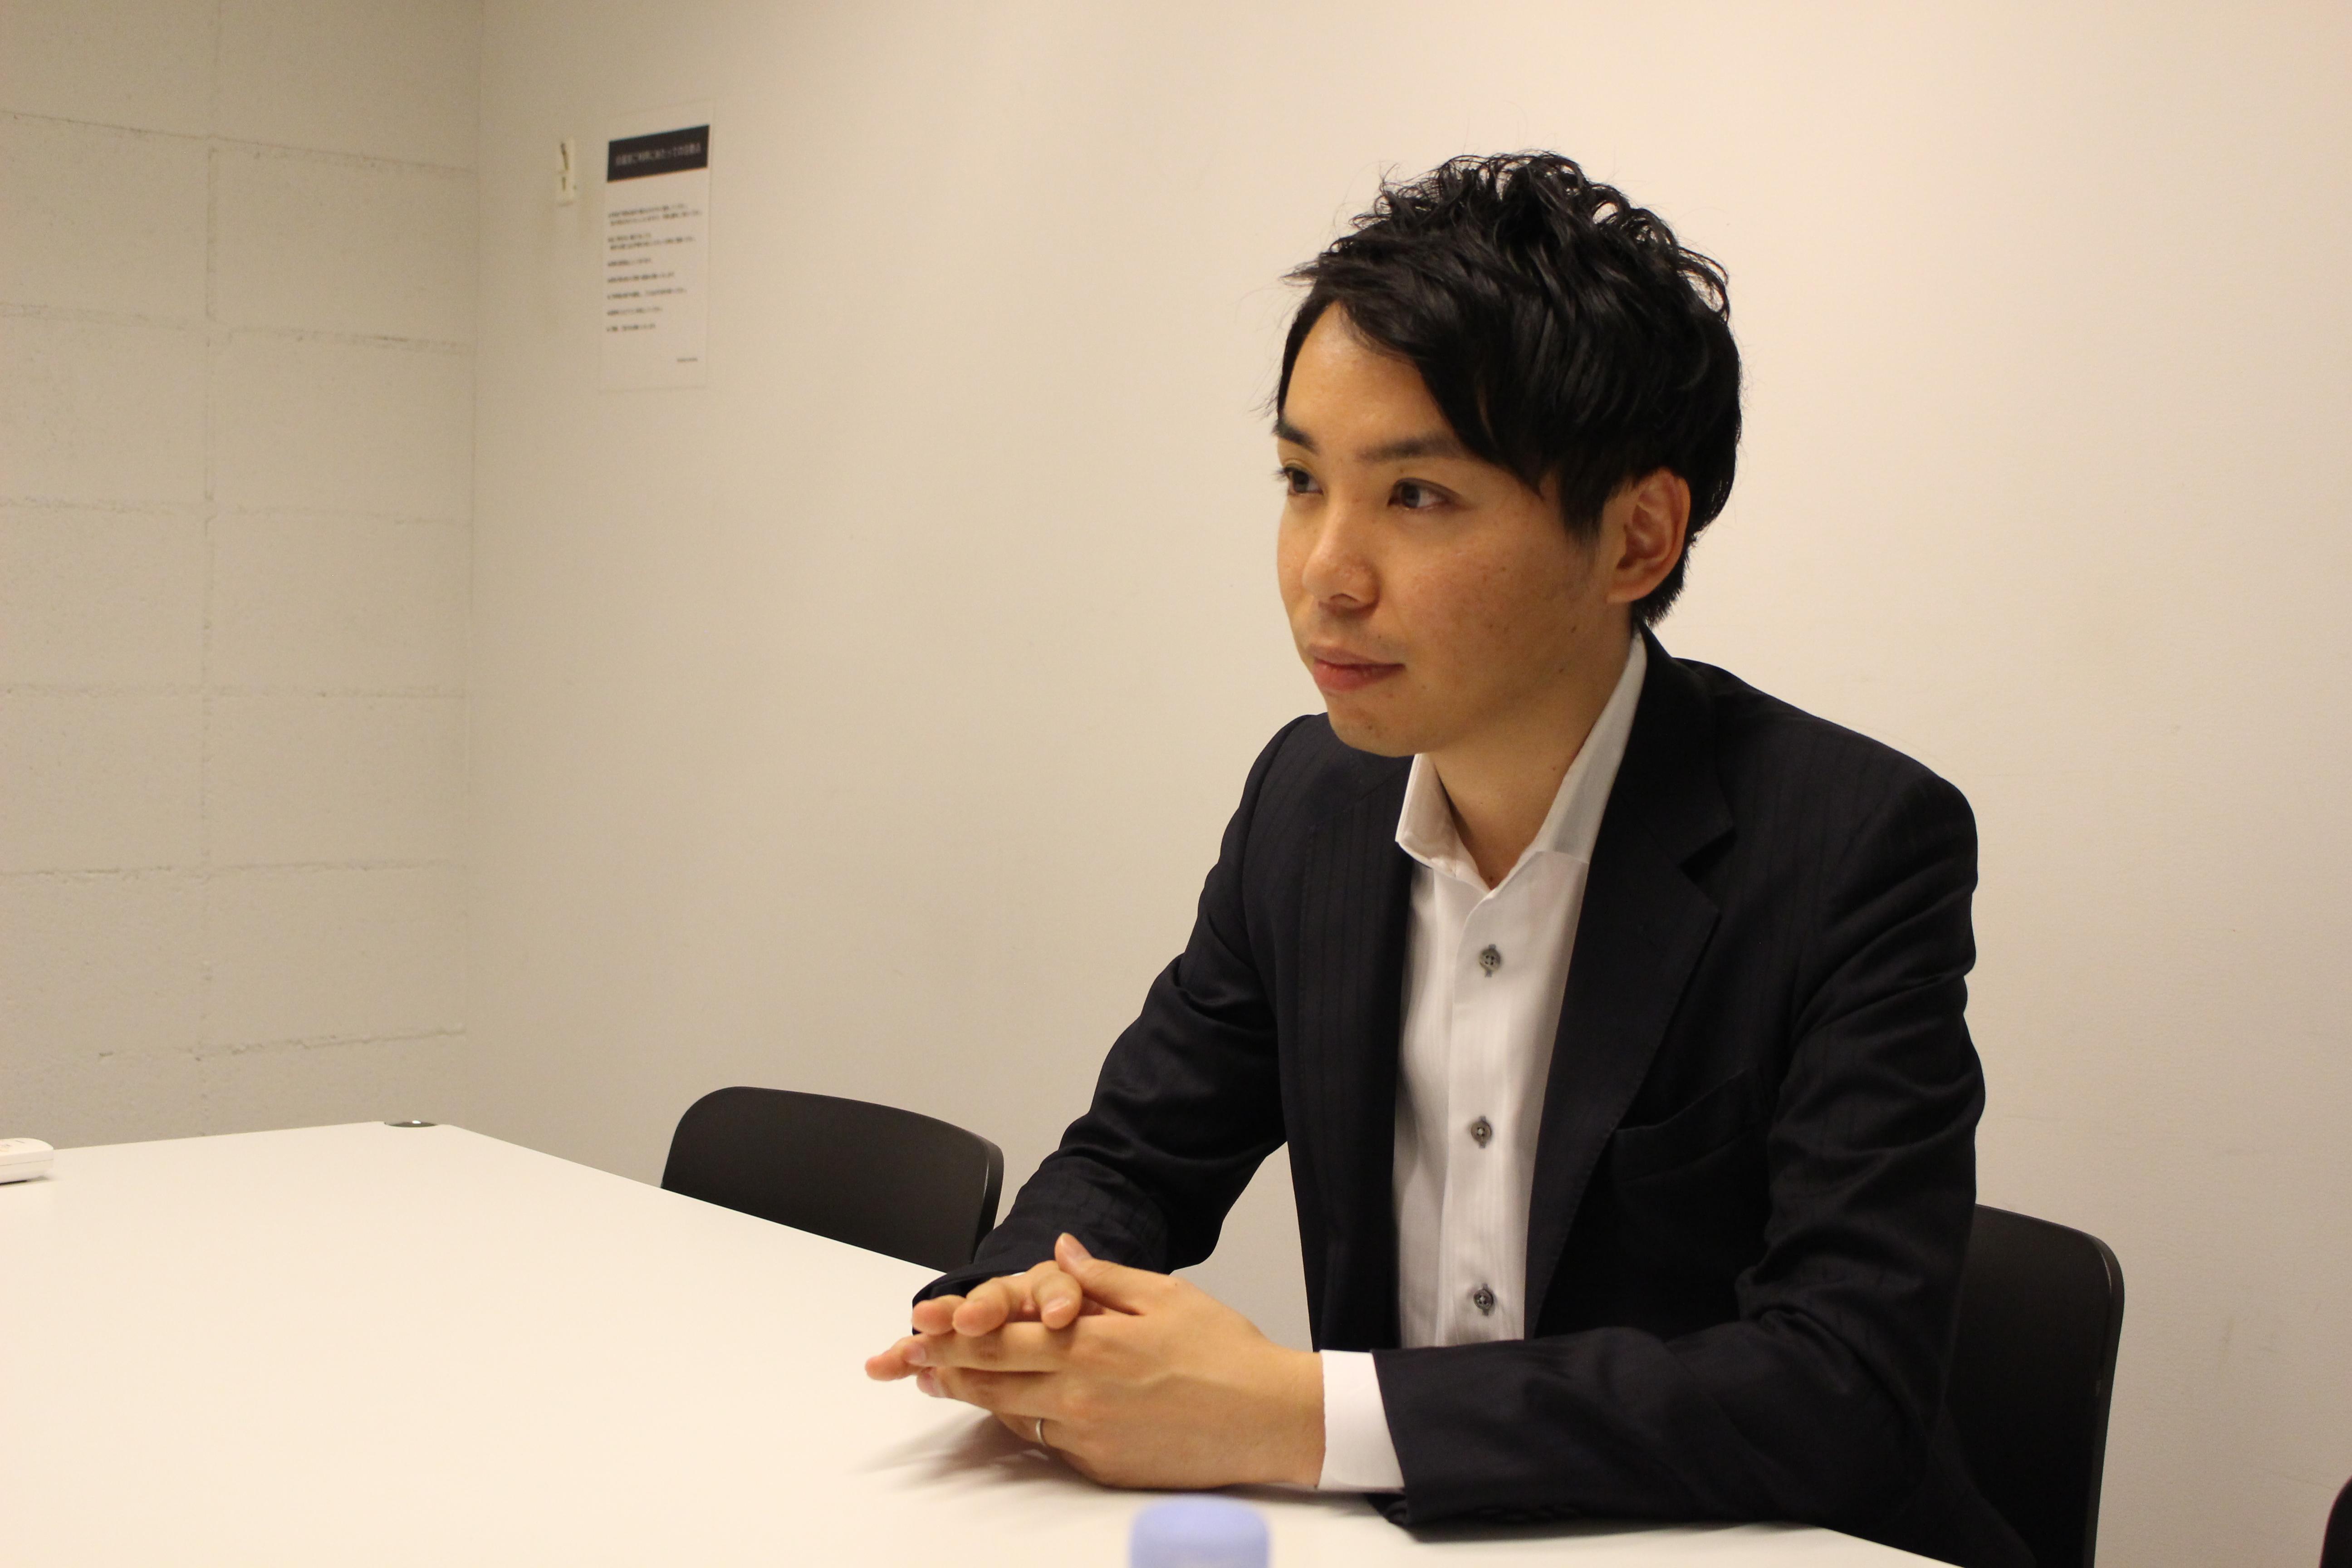 土井一真さんのインタビュー写真6